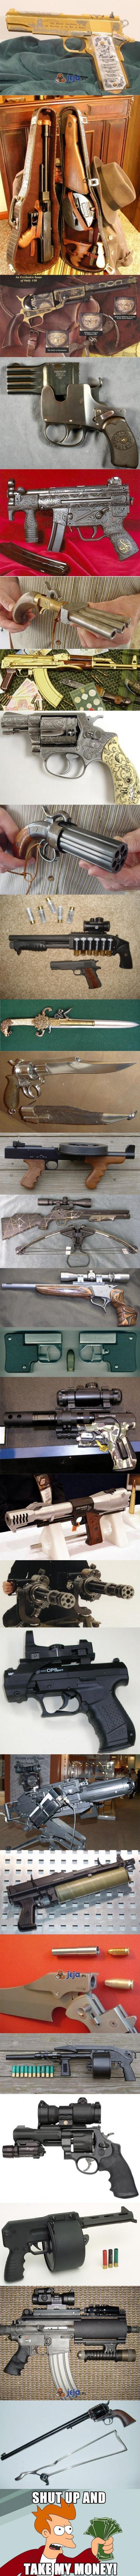 Lubisz broń palną?